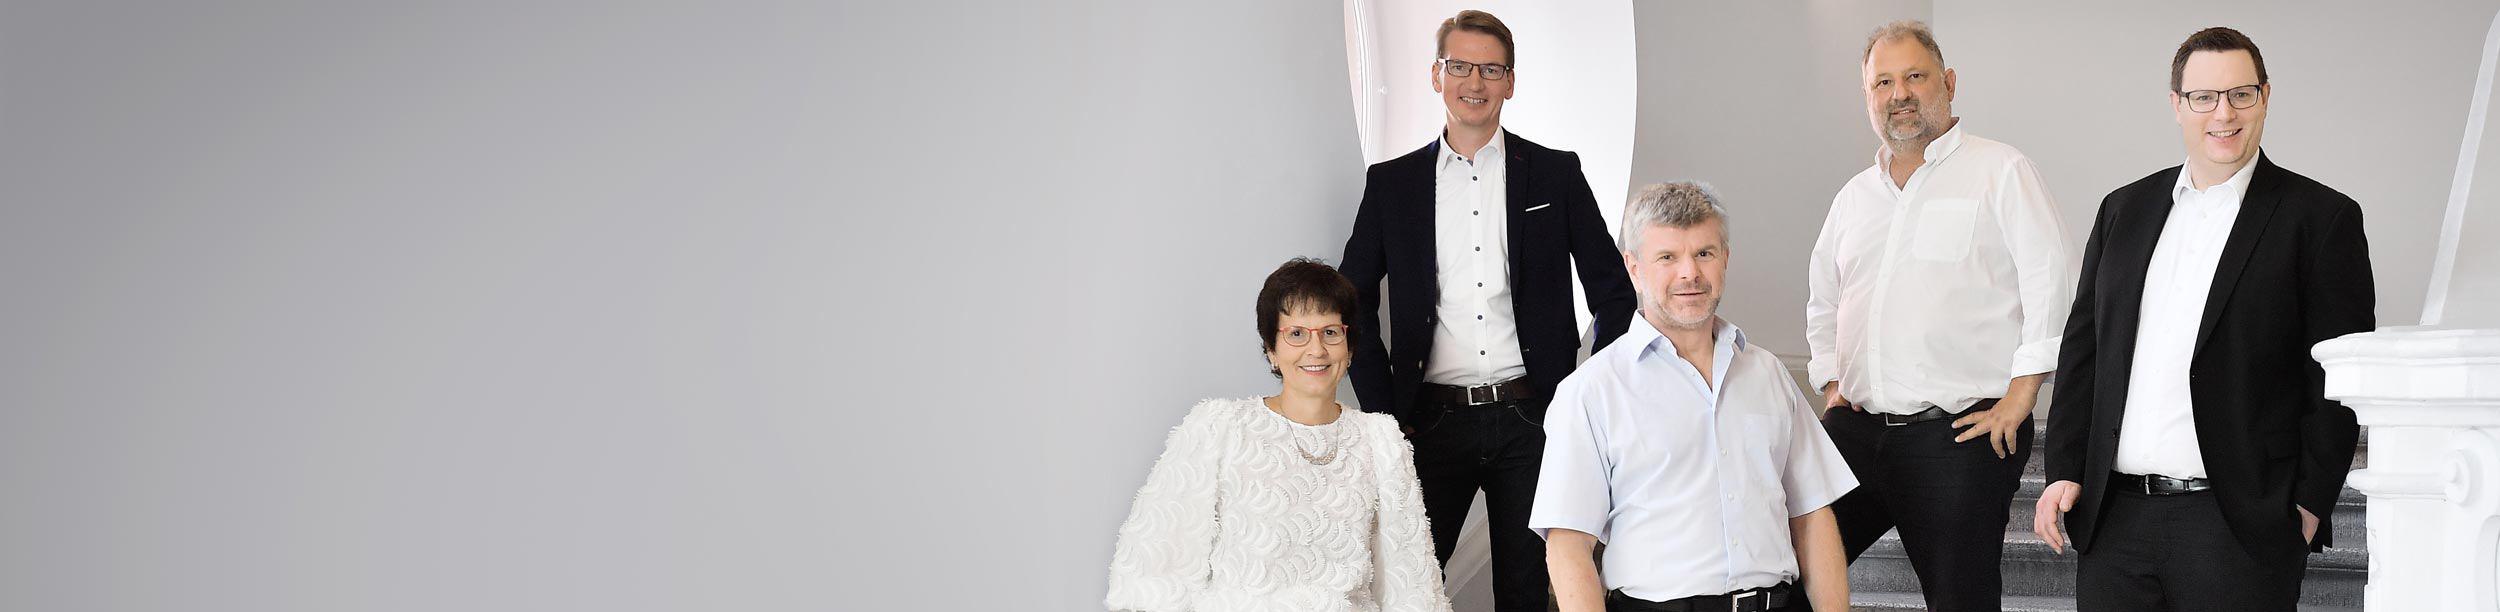 Fachmitarbeiter & Administration - Team: Wirtschaftsprüfer, Steuerberater, Lahr, Ortenau, Ortenaukreis, Offenburg, Unternehmensberater, Baden Baden, Villingen-Schwennigen, Freiburg - BTG Badische Treuhand